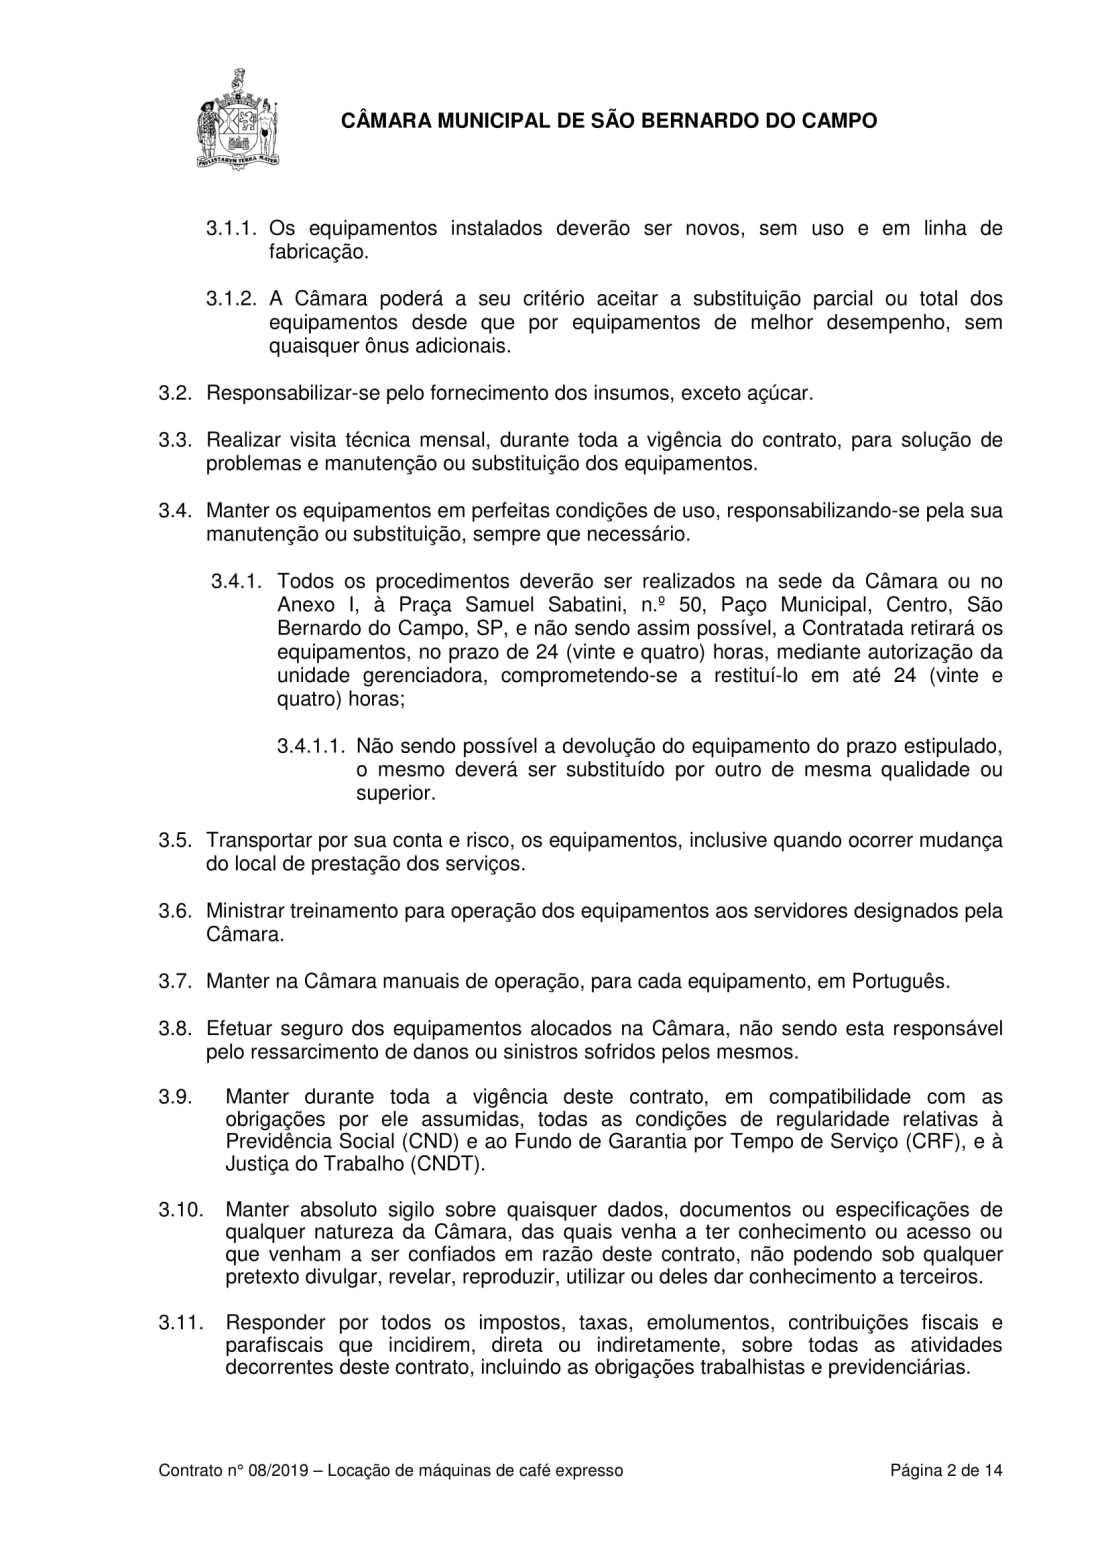 24_05_2019_15_08_38_CONTRATO-08_19-CAFÉ-LOURENÇO-_24_05_19_-02